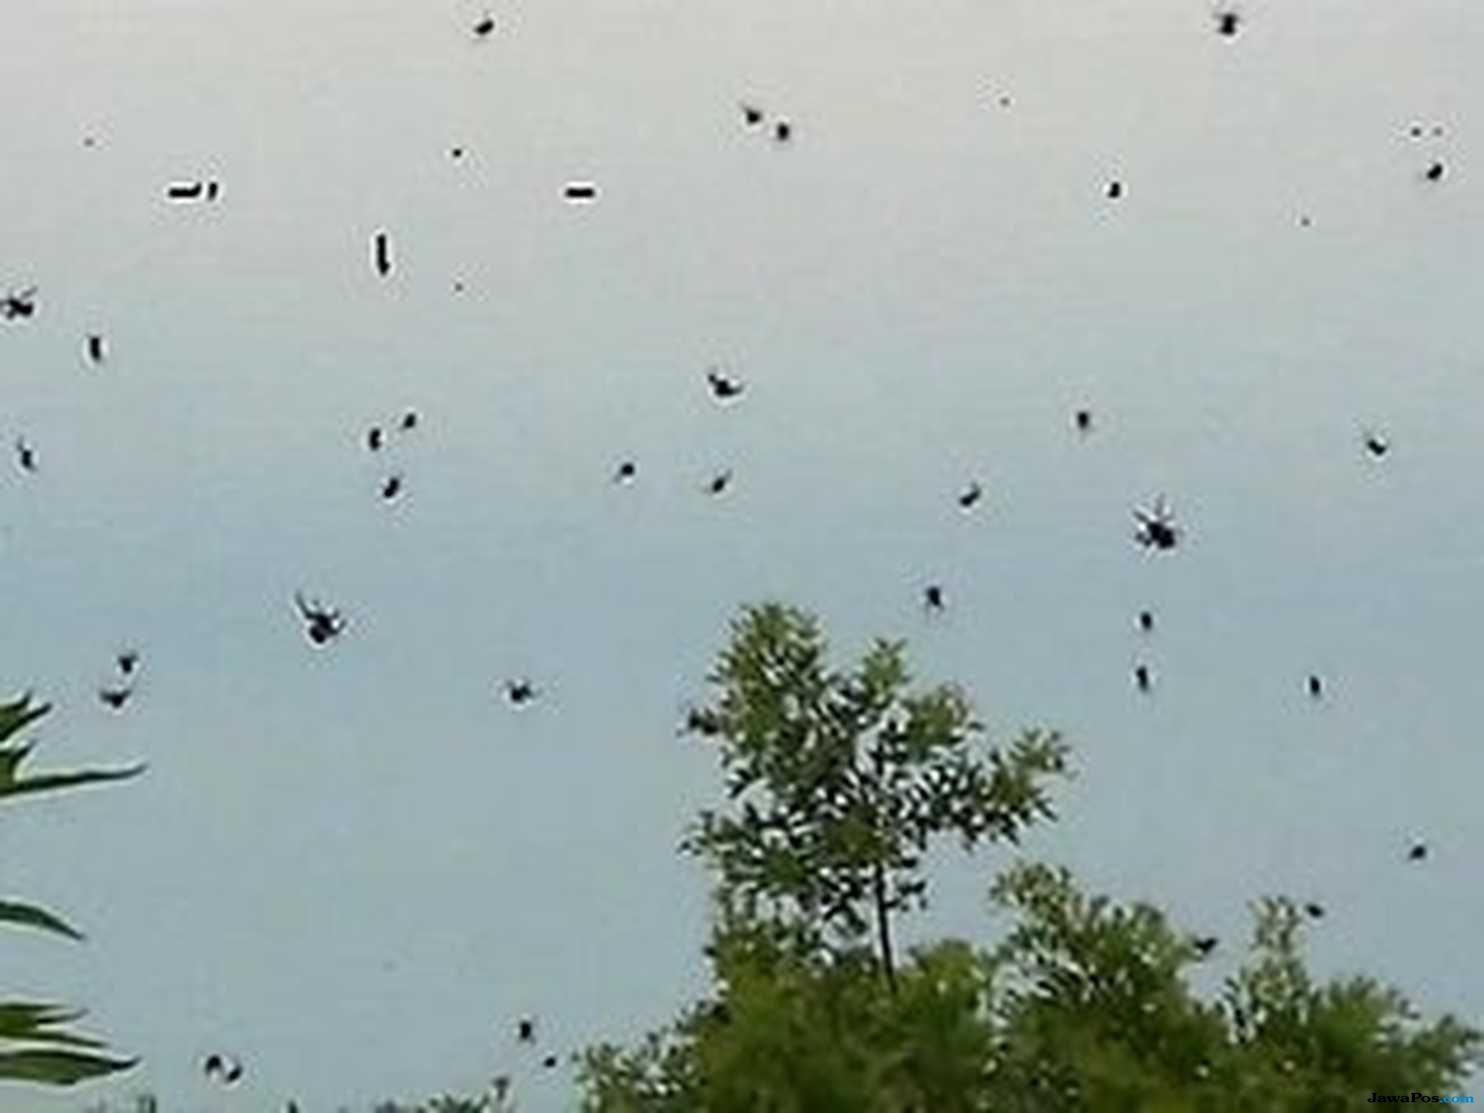 hujan laba-laba, laba-laba, brasil, aneh, unik,